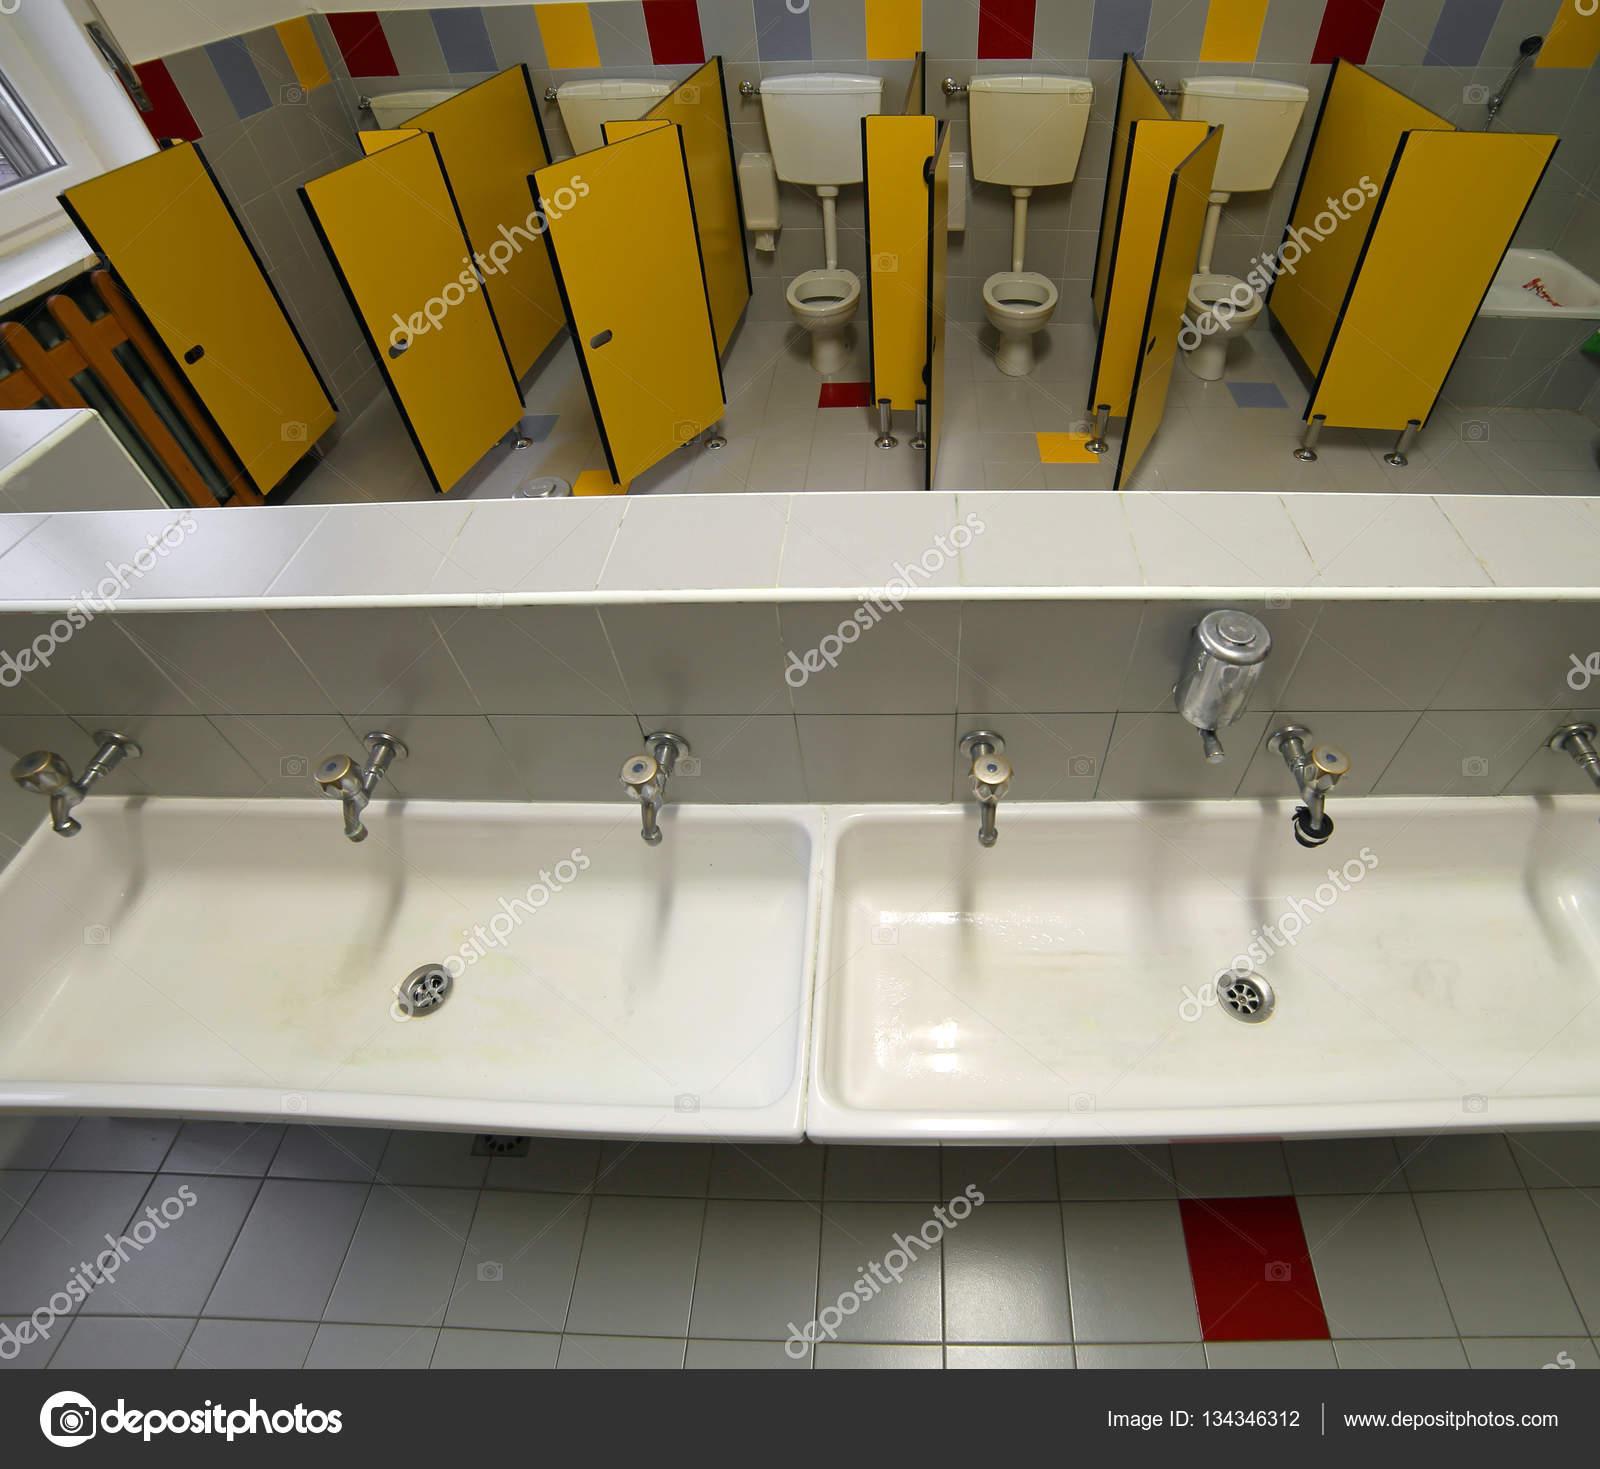 salle de bain d une cole maternelle avec petites toilettes et lavabo en c ramique. Black Bedroom Furniture Sets. Home Design Ideas